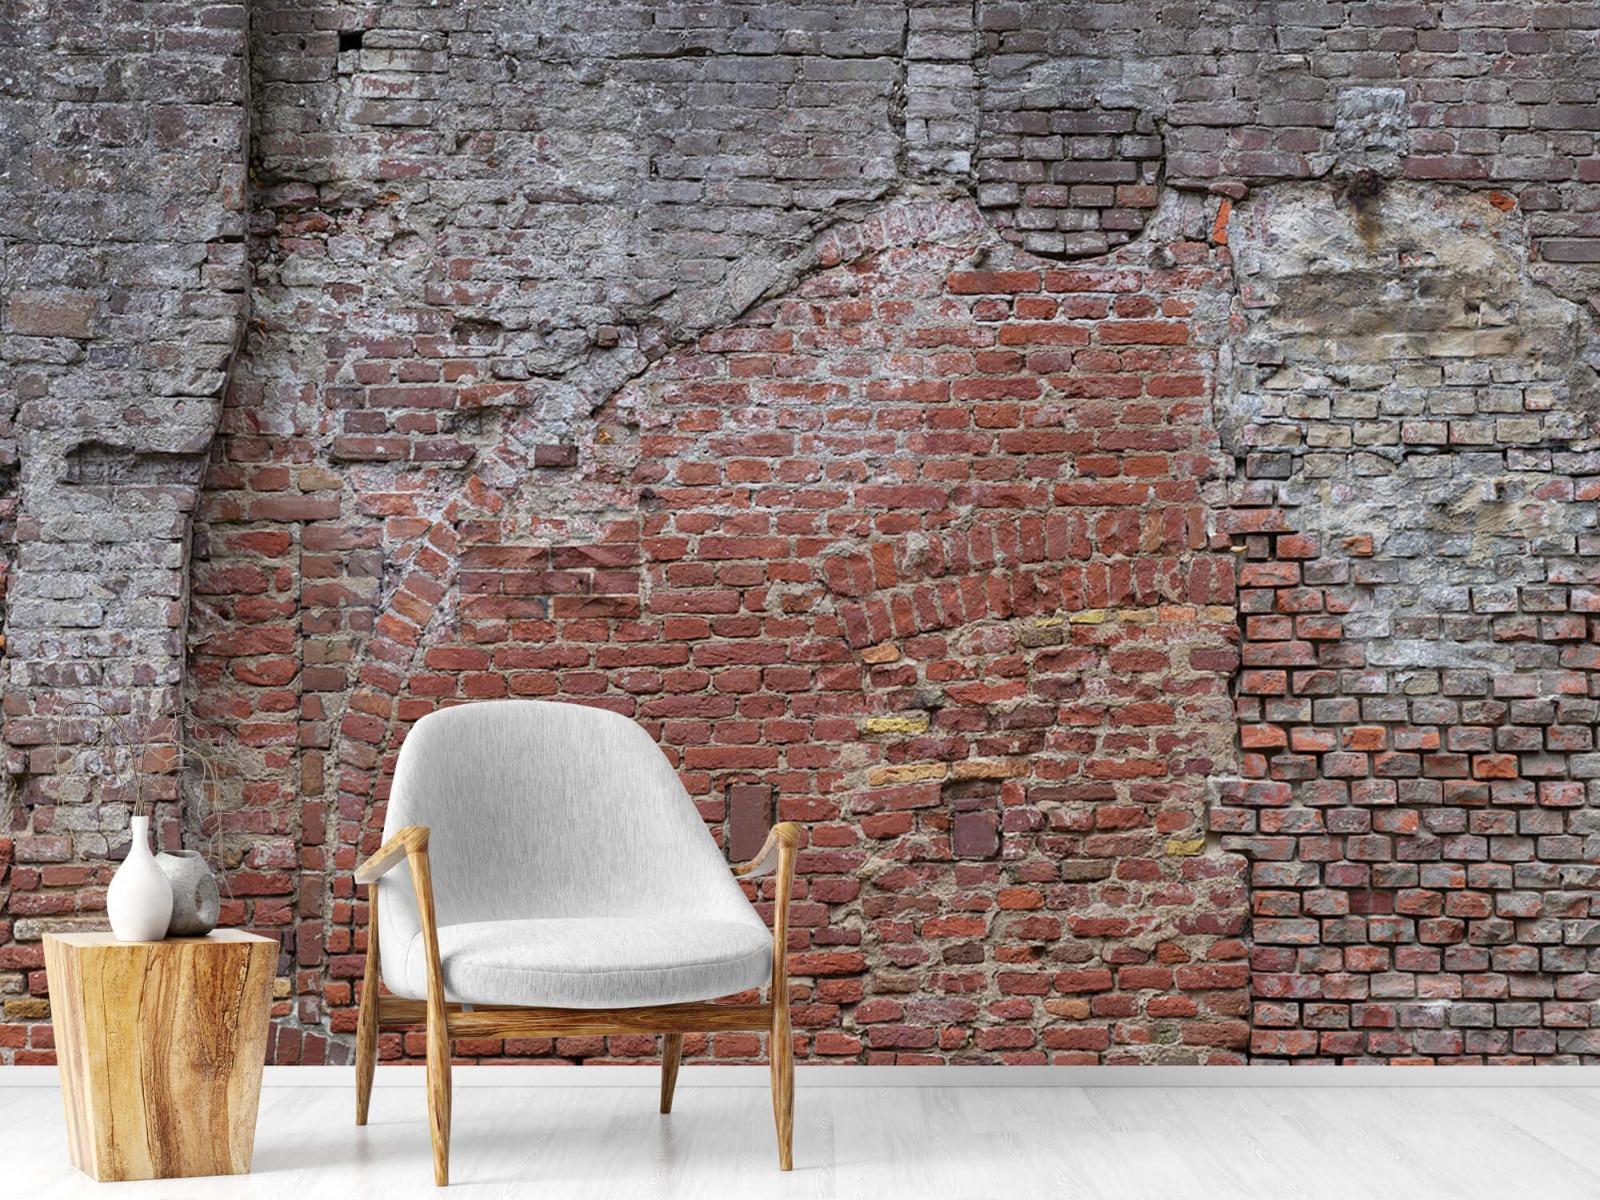 Steen behang - Oude herstelde stadsmuur - Tienerkamer 18